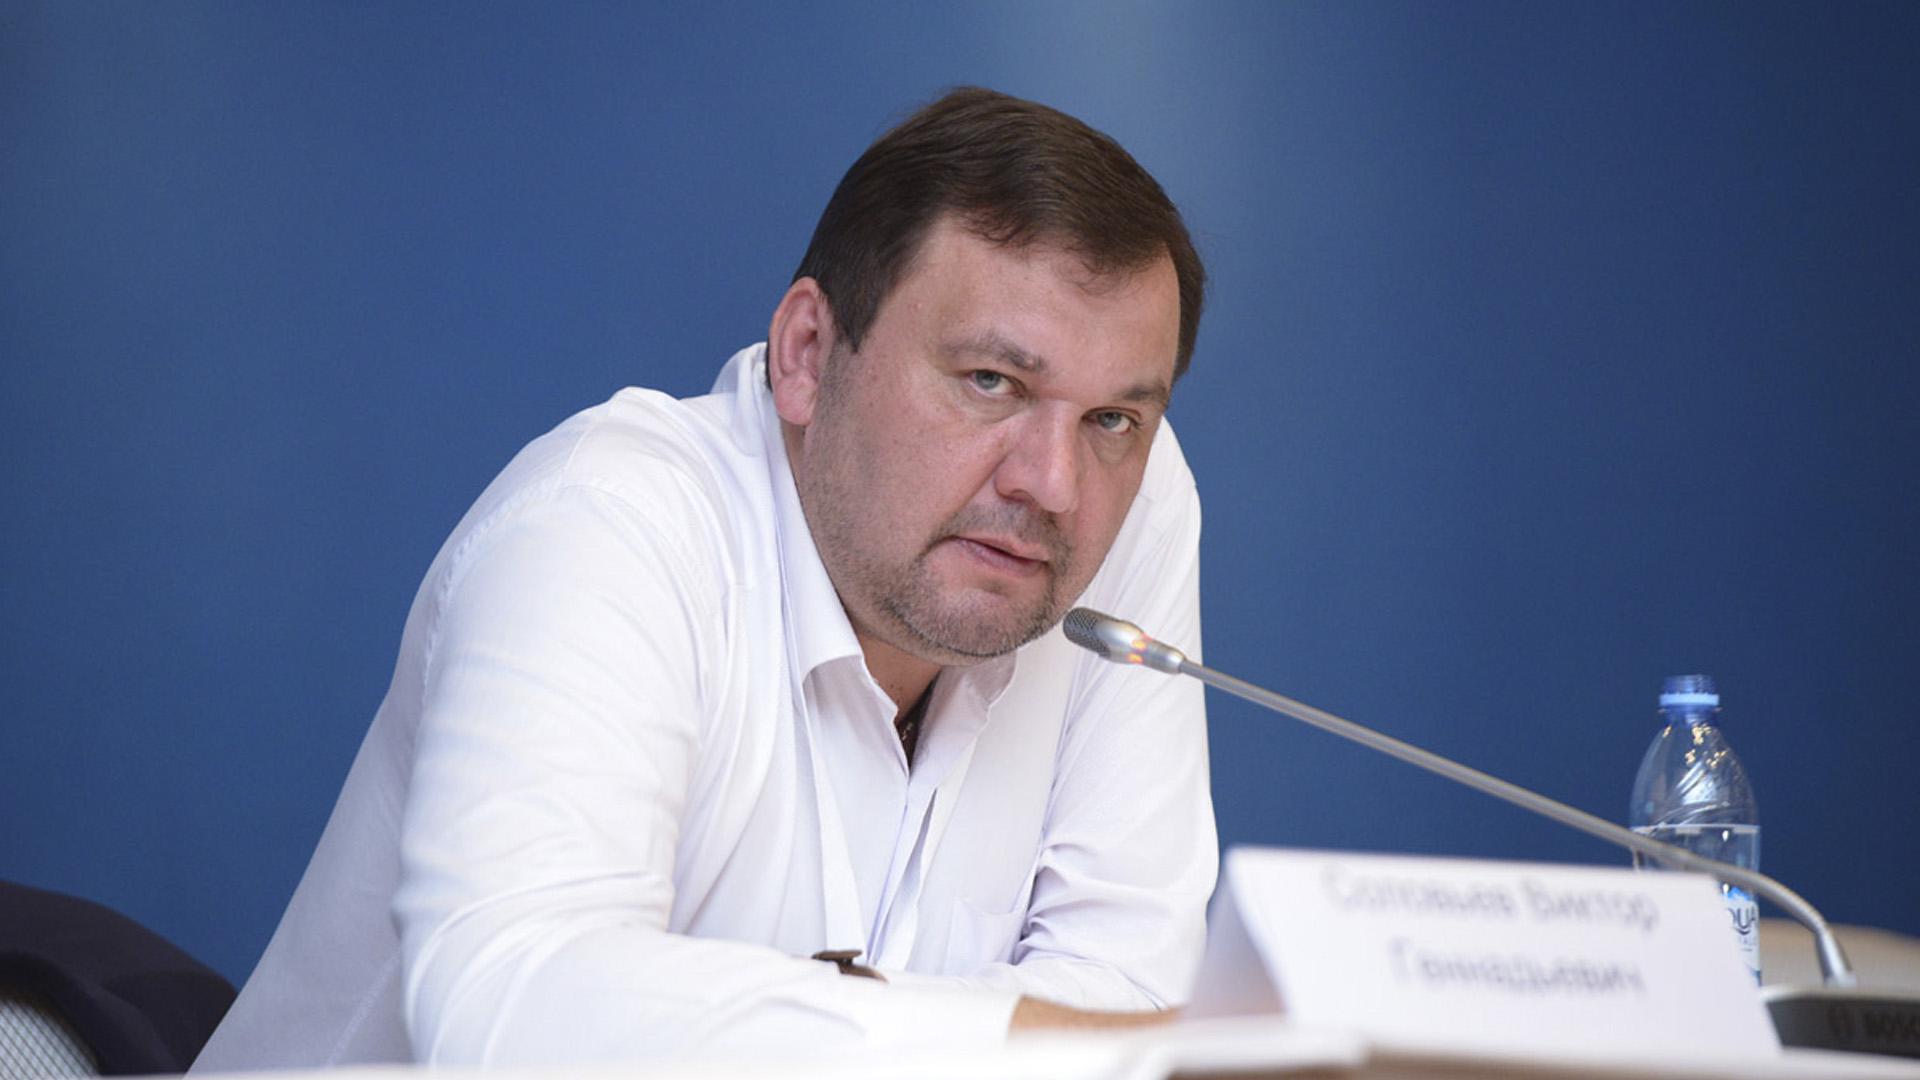 Поздравляем с днем рождения Виктора Соловьева!